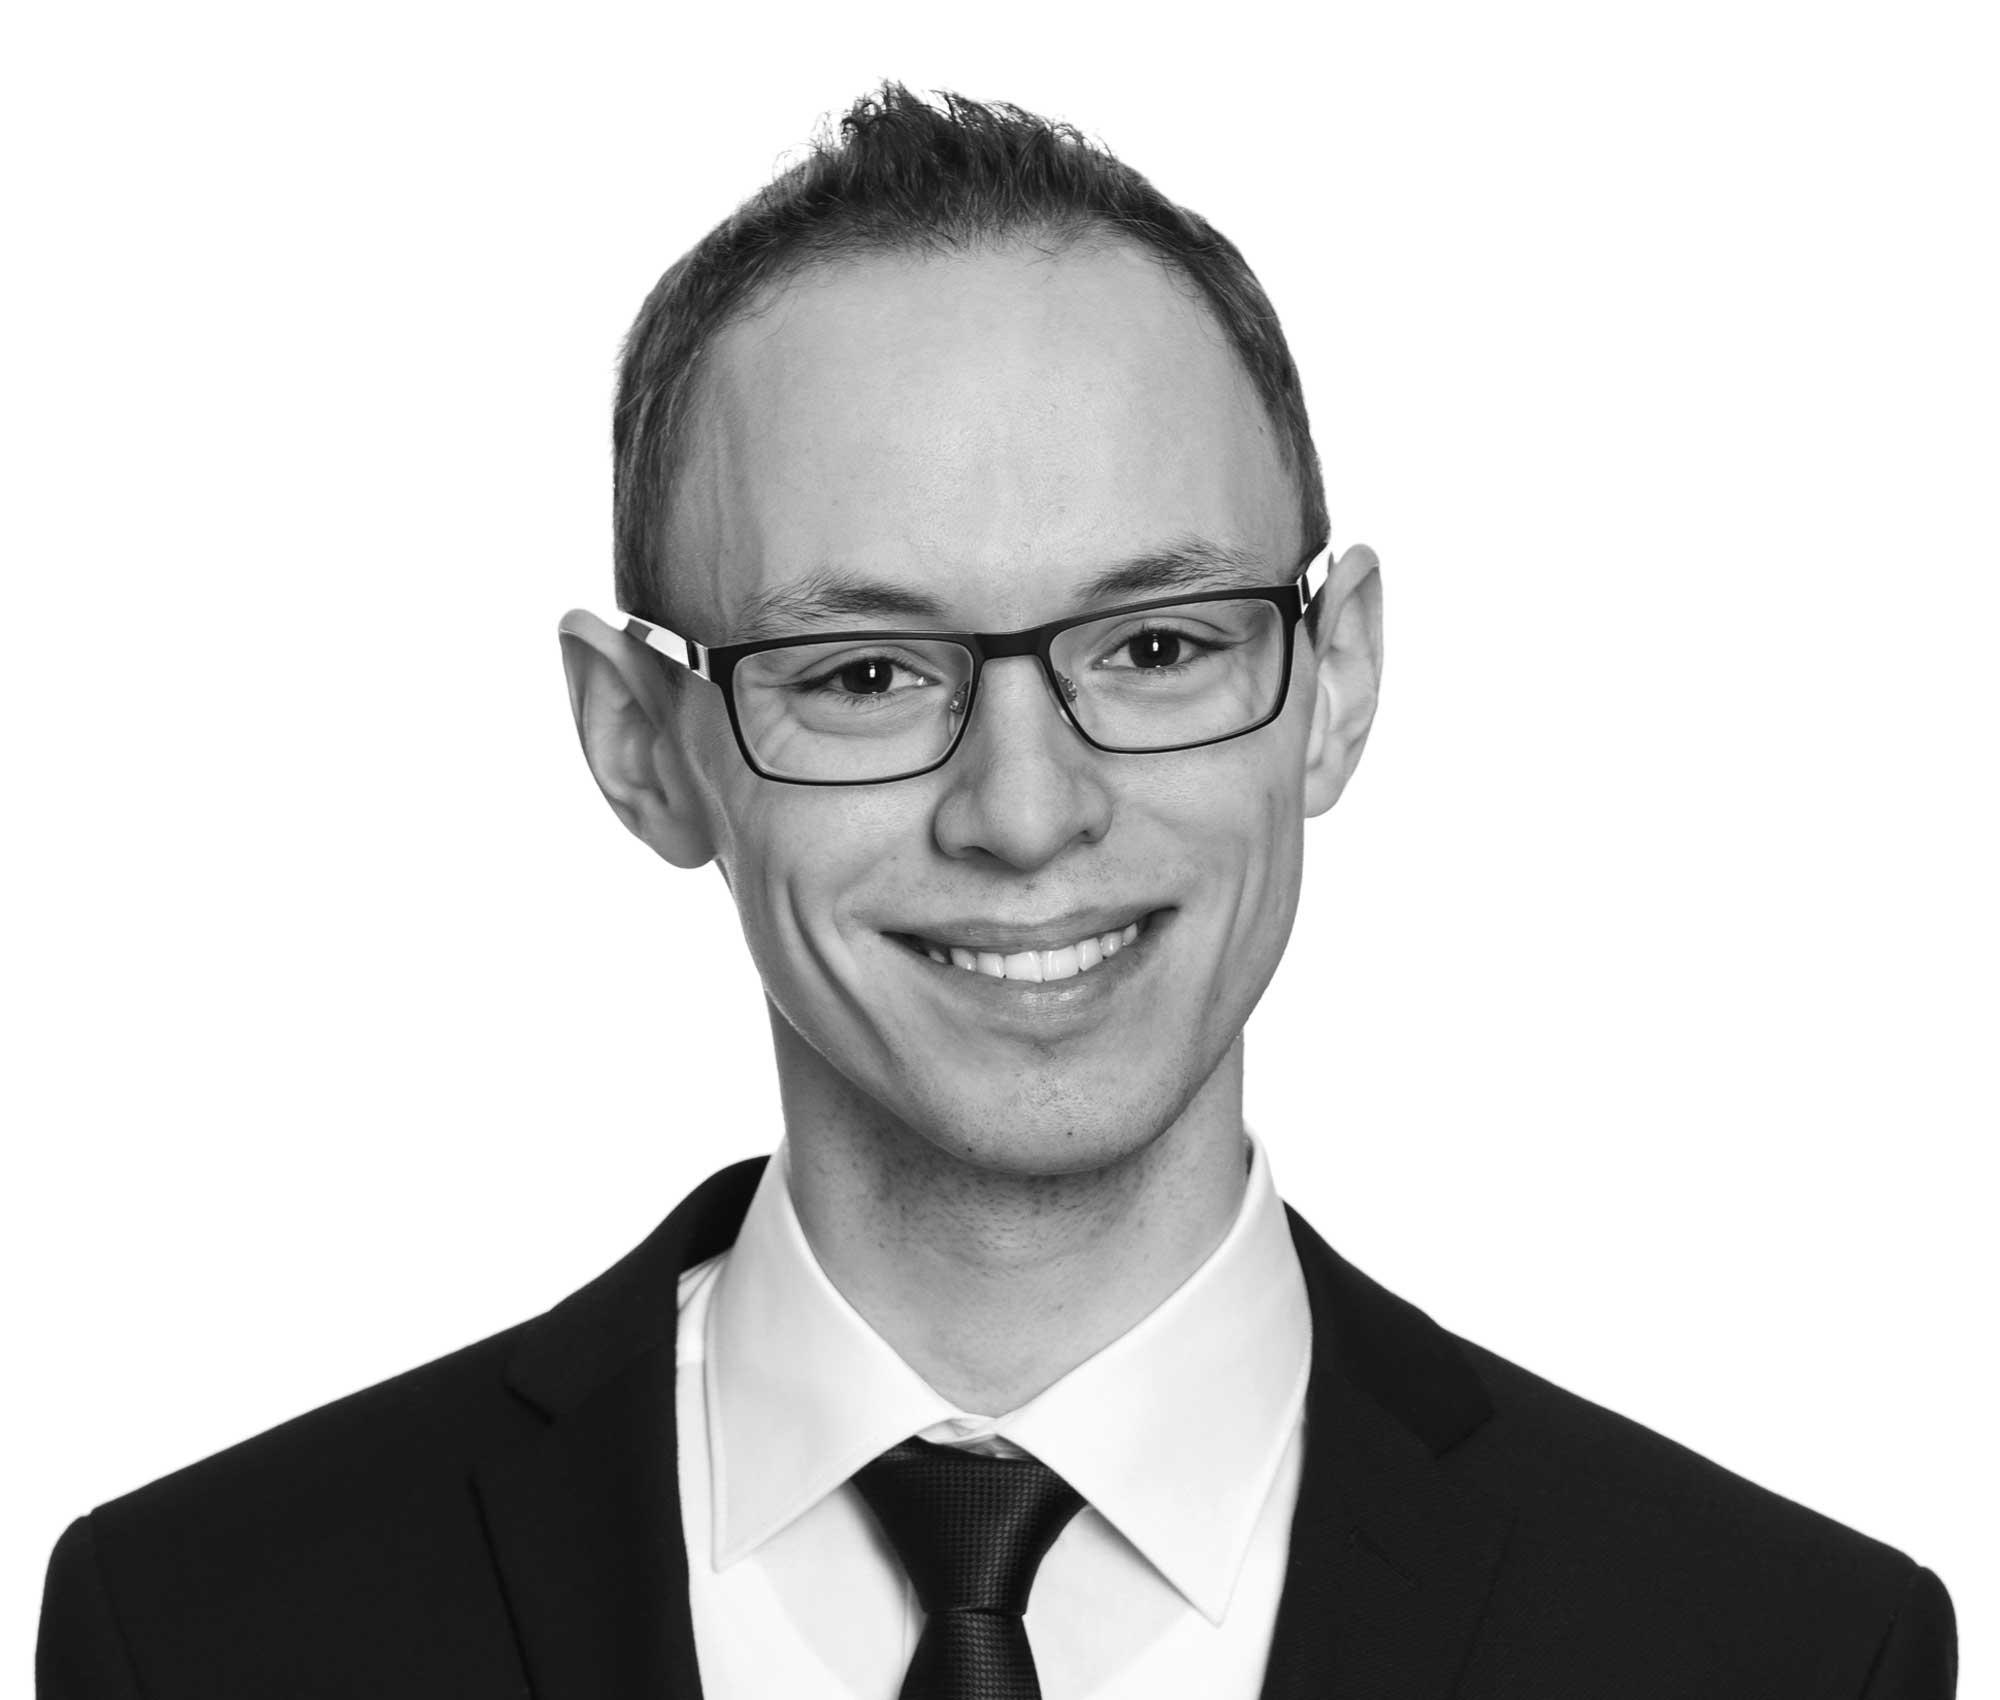 Sebastian Gärtner